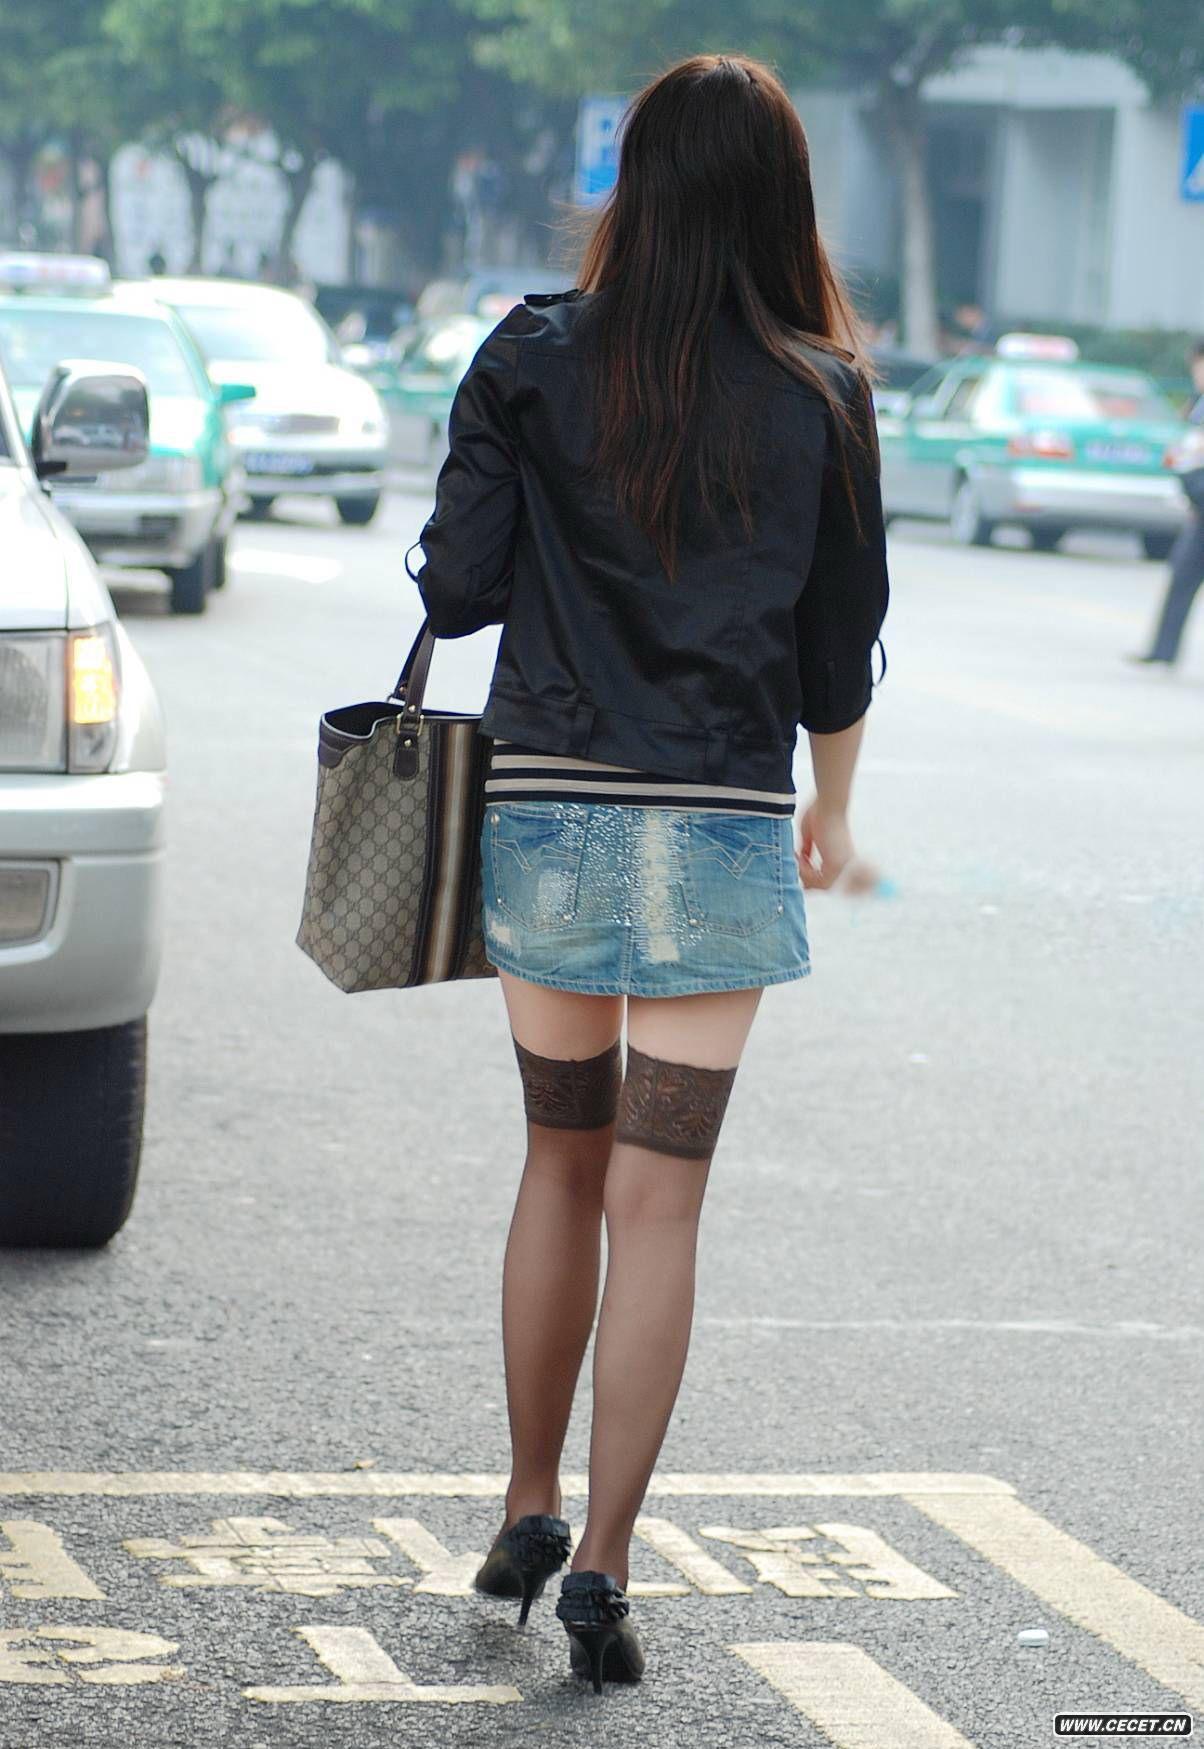 紧身牛仔短裤_极品少妇的蕾丝边棕色长筒袜 - 中国娱乐资讯网CECET.CN